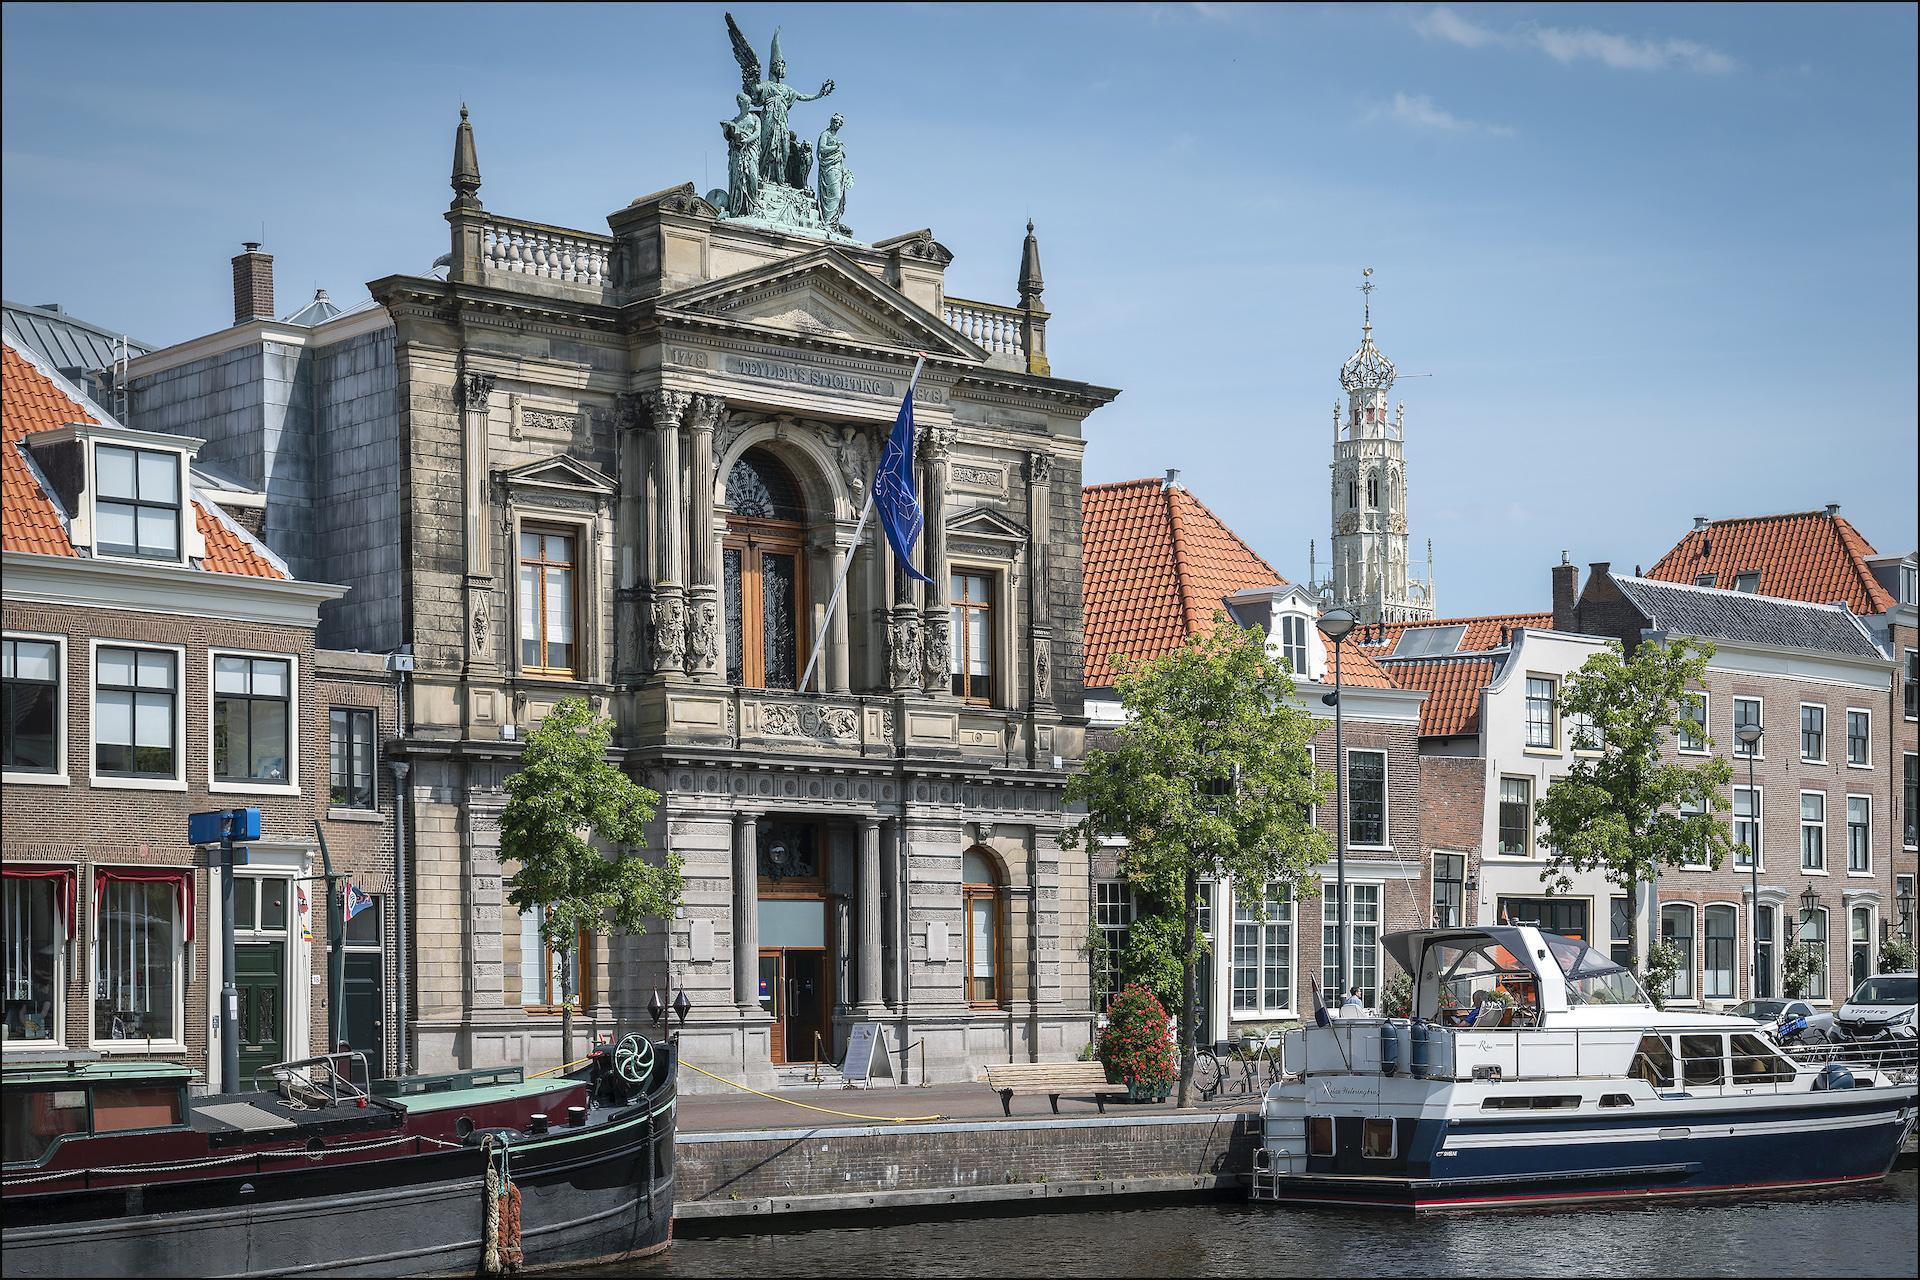 Teylers Museum Haarlem verplicht mondkapjes vanaf dinsdag, rest culturele instellingen volgt mondkapjesbeleid regering [update]